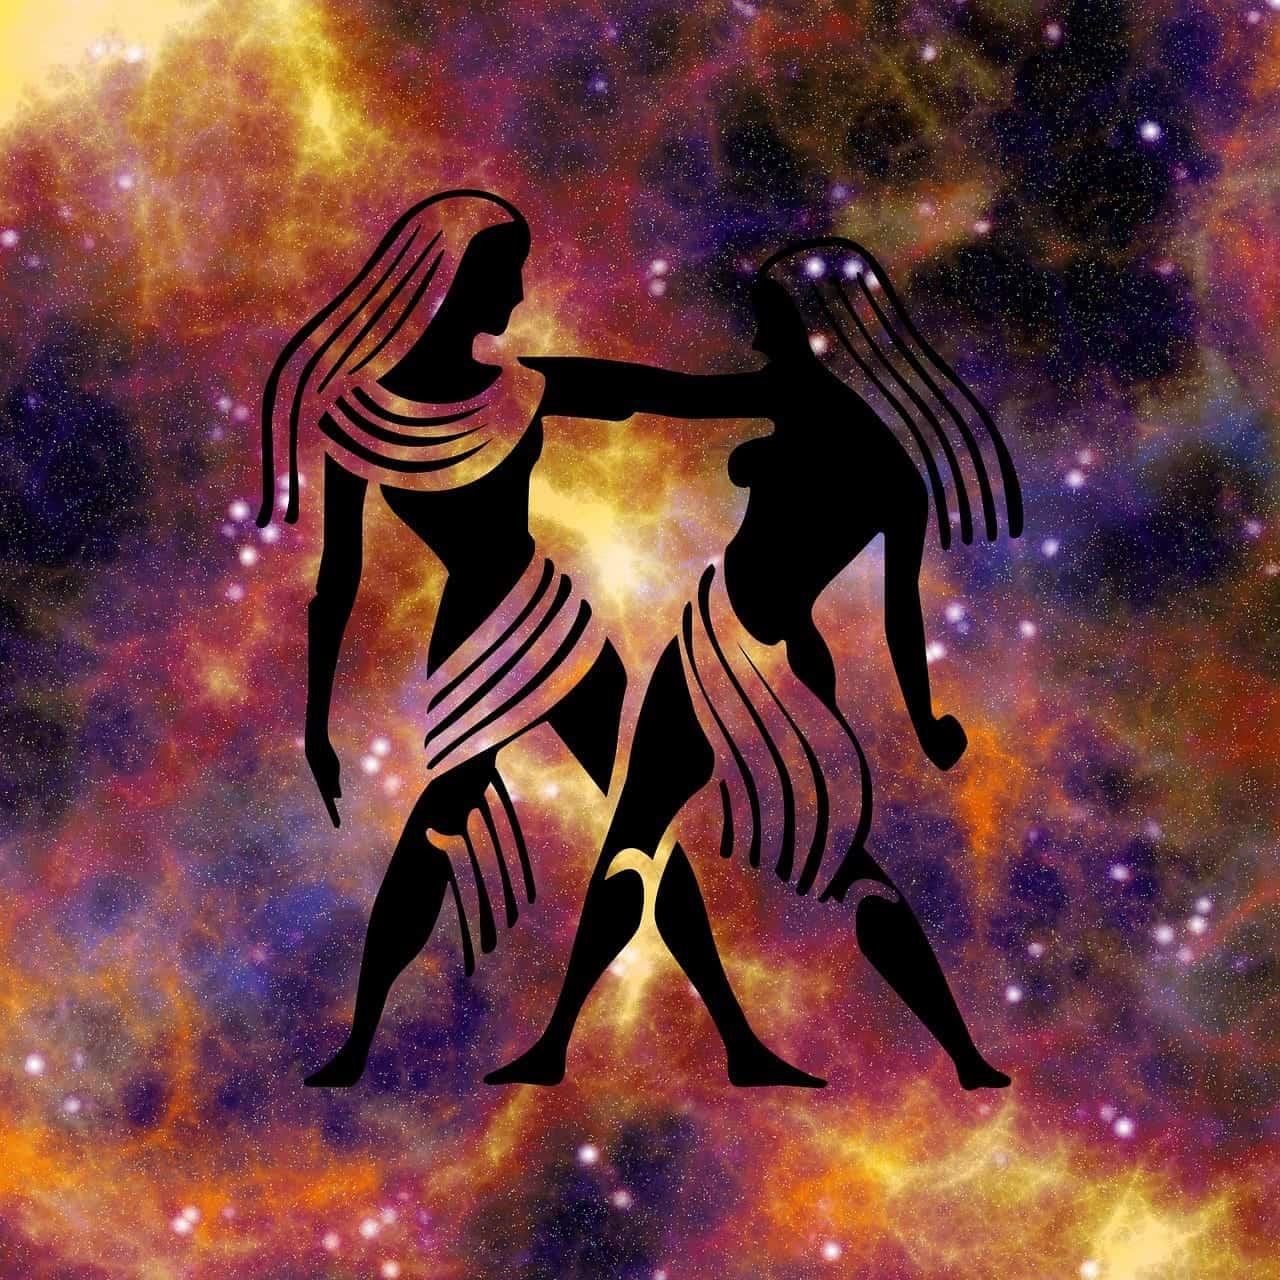 horoscopo de la semana geminis horóscopo de la semana, del 13 al 19 de mayo 2019, ¡grandes propuest ID187657 - hermandadblanca.org